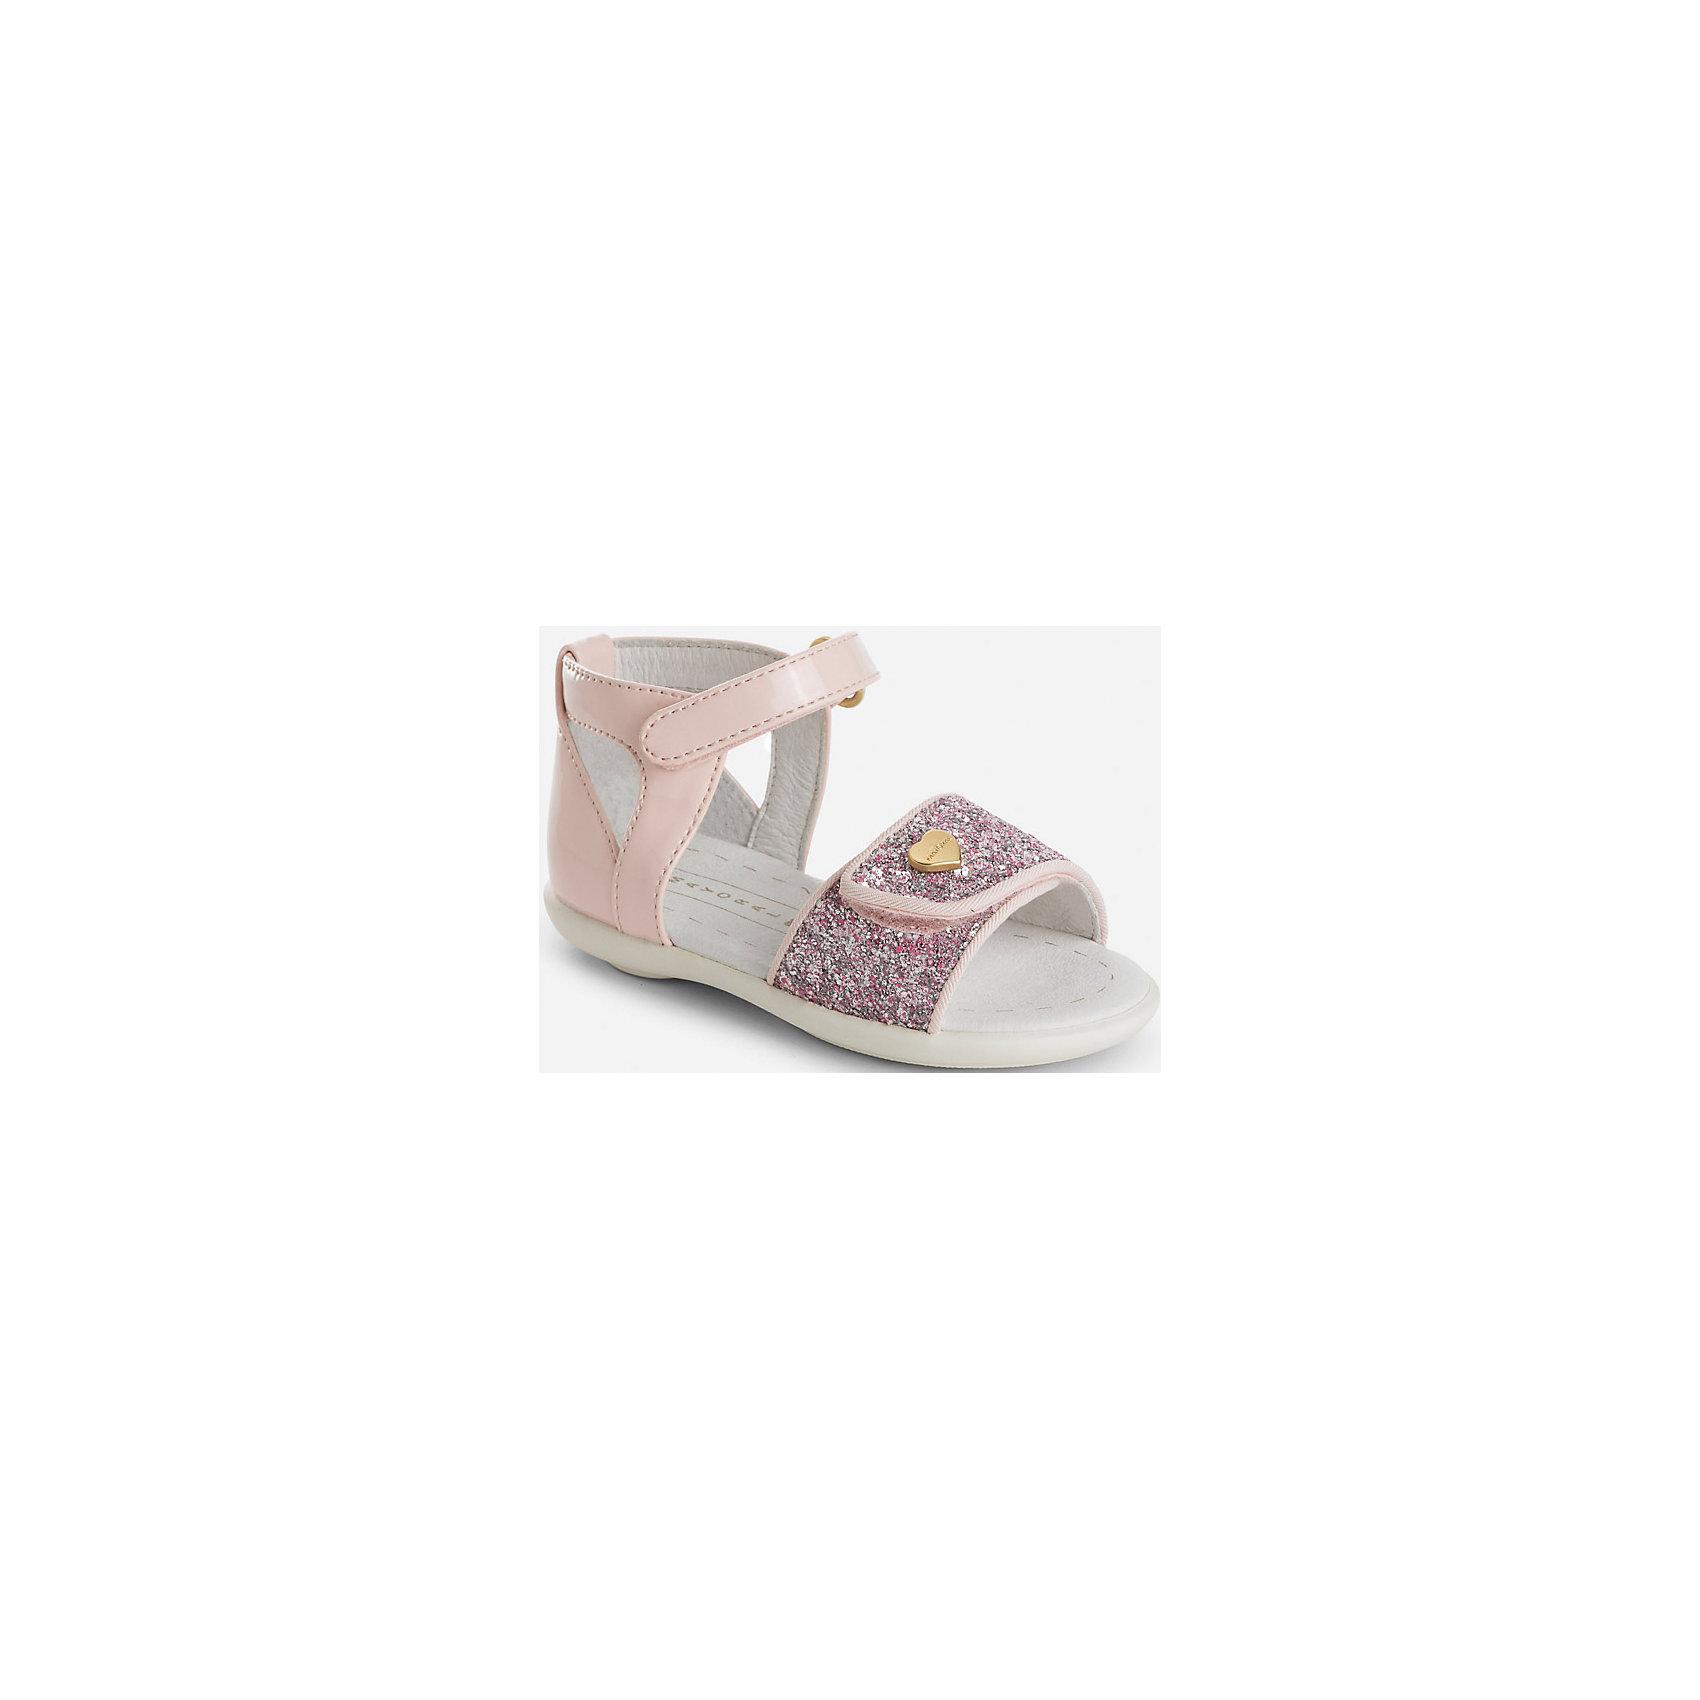 Сандали для девочки MayoralХарактеристики товара:<br><br>• цвет: розовый<br>• состав: верх - полиуретан, подкладка и стелька - 100% натуральная кожа, подошва - резина<br>• застежка: липучка<br>• металлическое украшение<br>• устойчивая подошва<br>• декорированы блестящей вставкой<br>• страна бренда: Испания<br><br>Симпатичные сандали для девочки помогут обеспечить ребенку комфорт и дополнить наряд. Универсальный цвет позволяет надевать их под наряд разных расцветок. Сандали удобно сидят на ноге и красиво смотрятся. Отличный вариант и на праздник и на каждый день!<br><br>Одежда, обувь и аксессуары от испанского бренда Mayoral полюбились детям и взрослым по всему миру. Модели этой марки - стильные и удобные. Для их производства используются только безопасные, качественные материалы и фурнитура. Порадуйте ребенка модными и красивыми вещами от Mayoral! <br><br>Сандали для девочки от испанского бренда Mayoral (Майорал) можно купить в нашем интернет-магазине.<br><br>Ширина мм: 219<br>Глубина мм: 154<br>Высота мм: 121<br>Вес г: 343<br>Цвет: розовый<br>Возраст от месяцев: 24<br>Возраст до месяцев: 24<br>Пол: Женский<br>Возраст: Детский<br>Размер: 25,22,23,24<br>SKU: 5293678